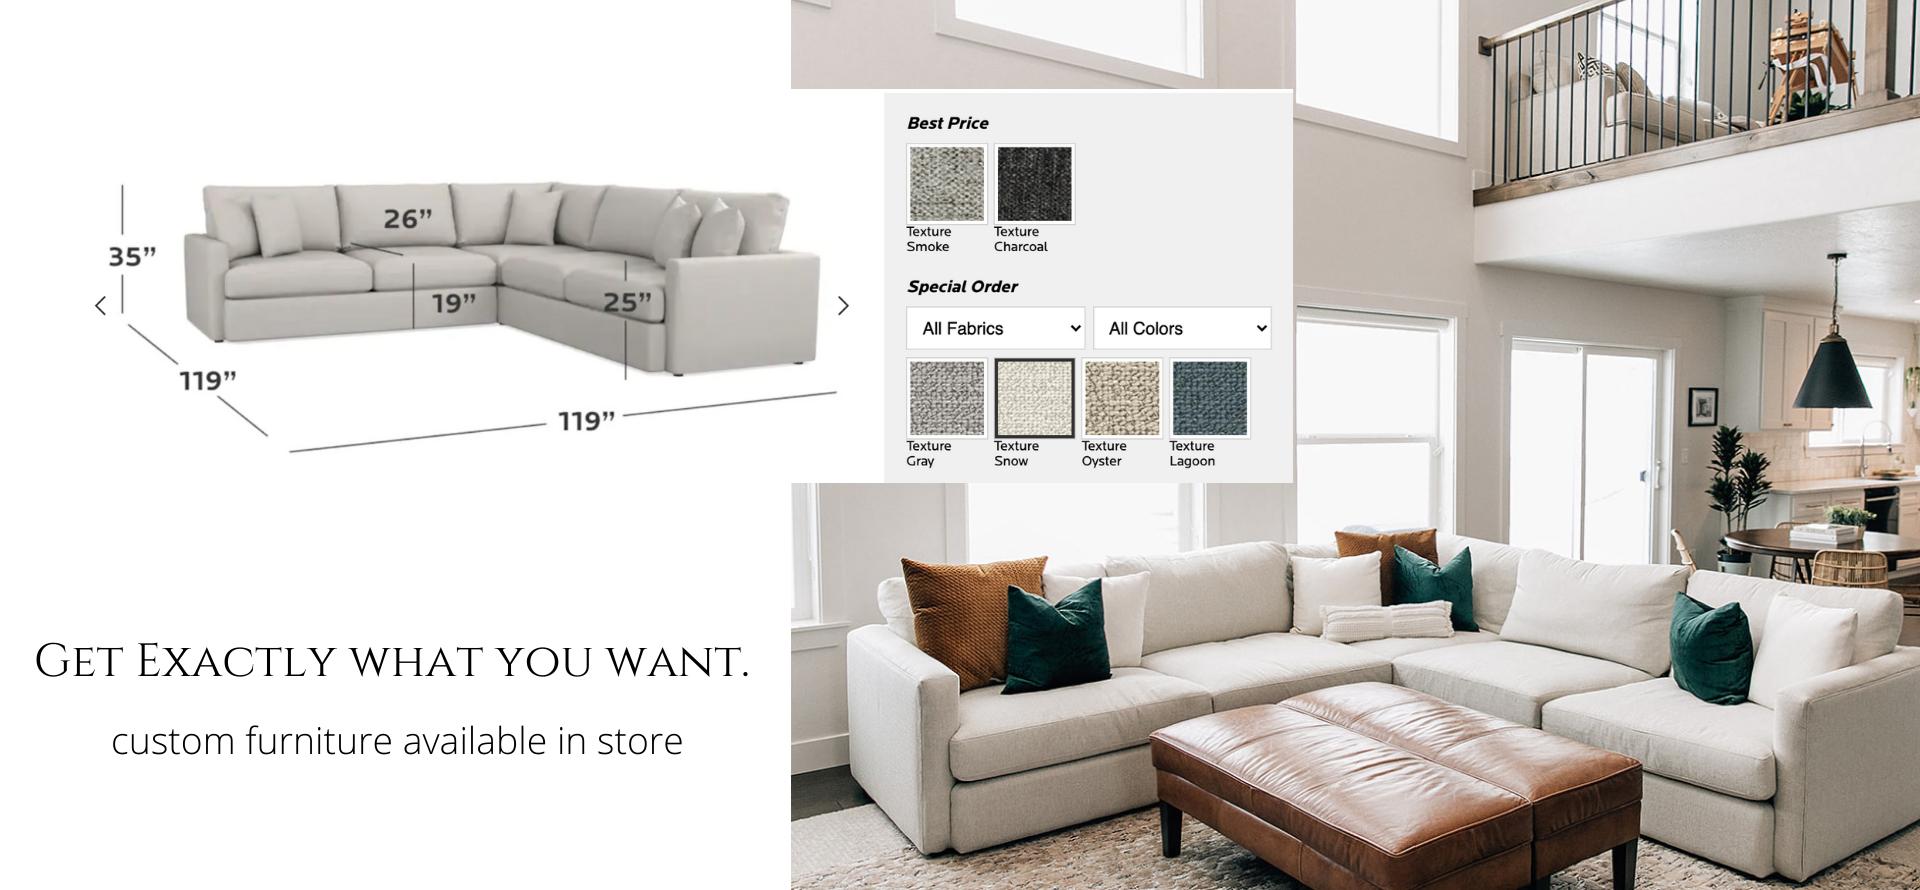 custom furniture in store